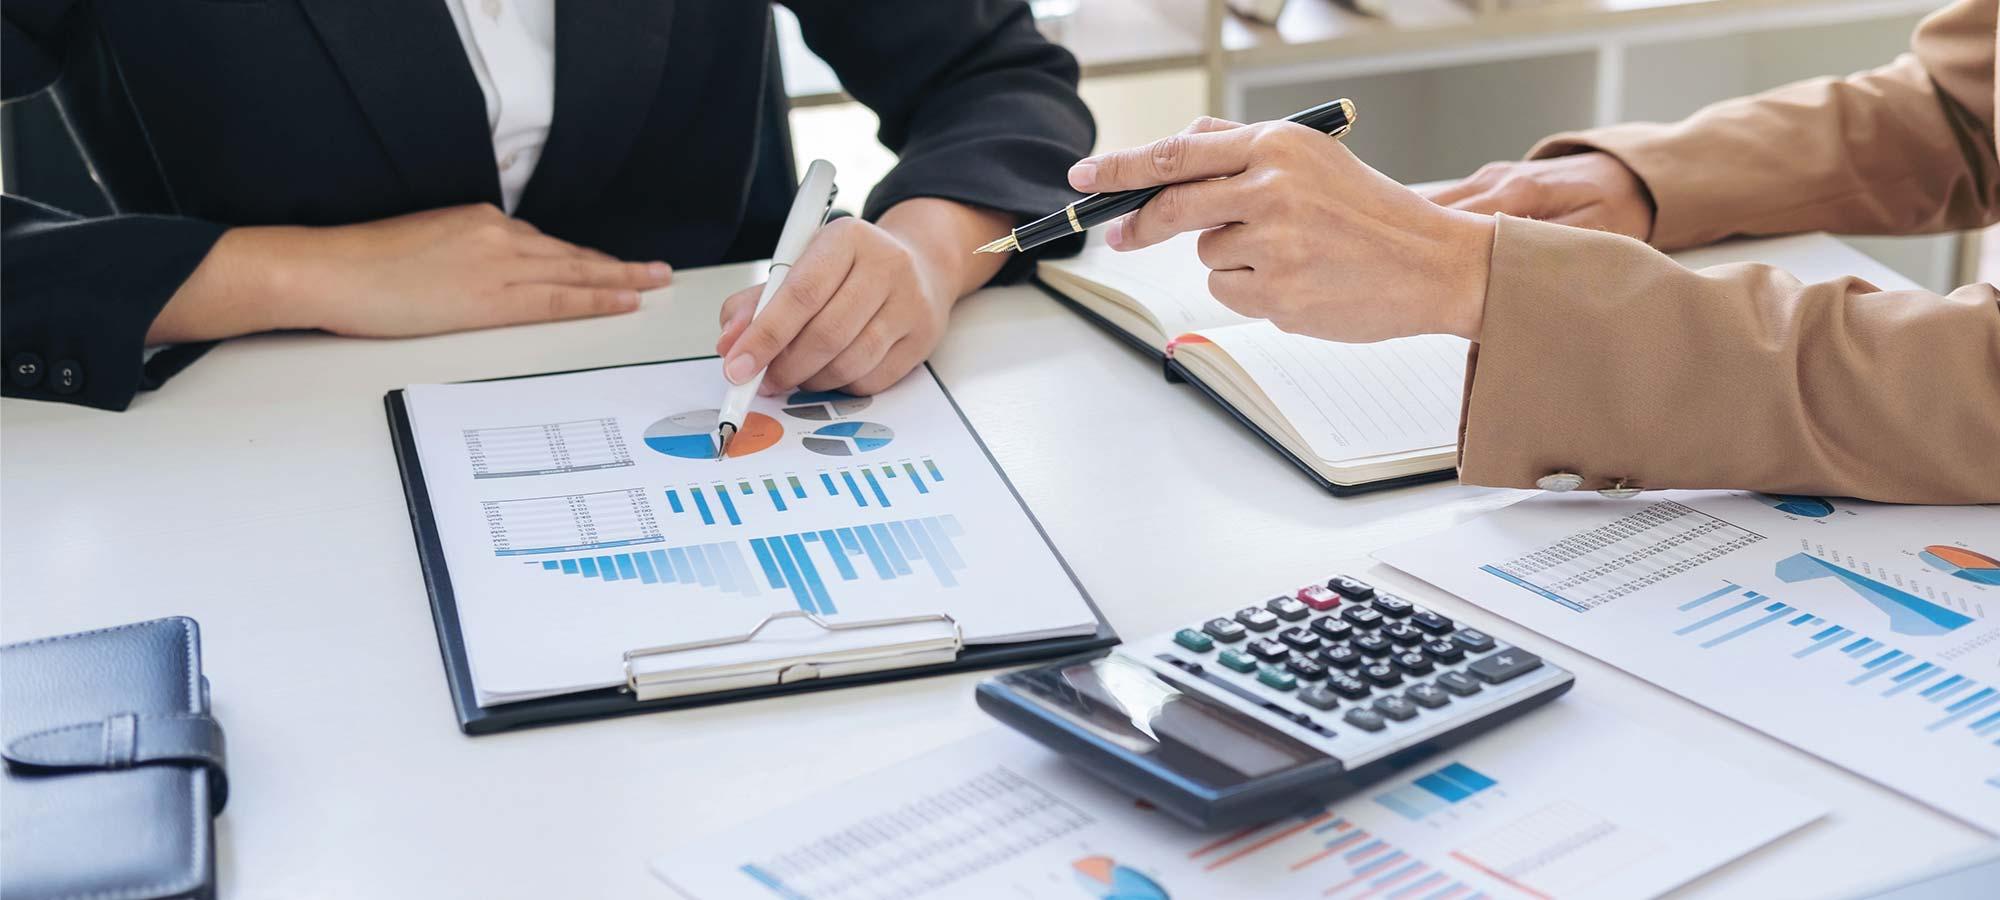 Training Proyek Manajemen Perusahaan